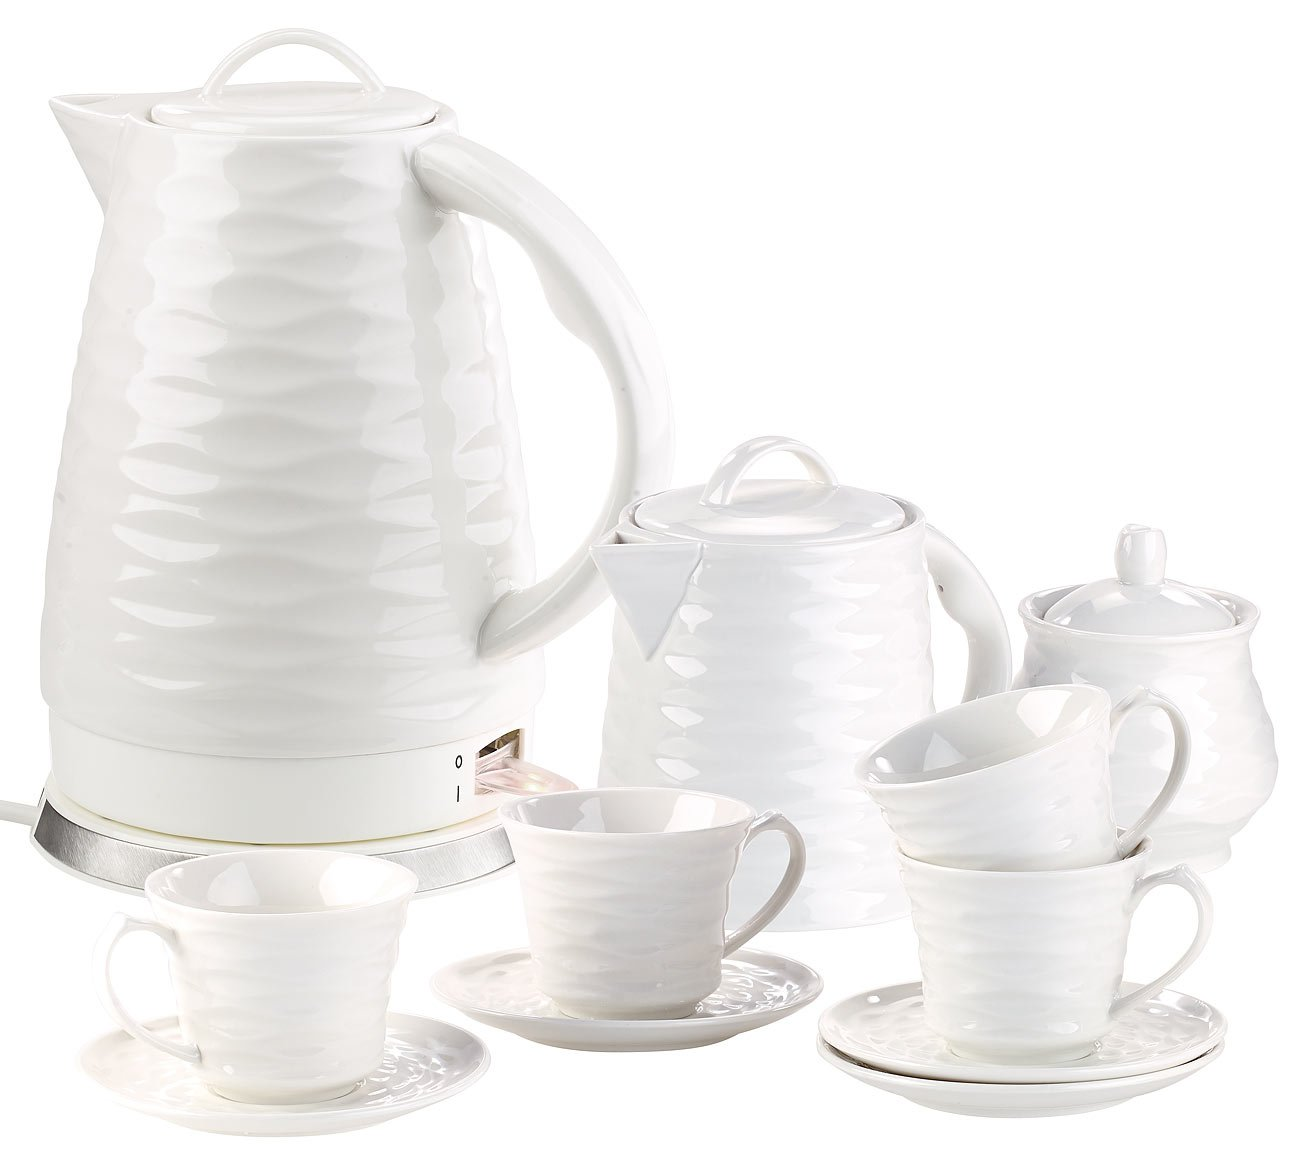 Rosenstein & Söhne Wasserkocher Keramik: Porzell-Wasserkocher WSK-270.rtr, 1,7 l, 1500W mit Kaffee-/Tee-Service (Schnurloser Wasserkocher)